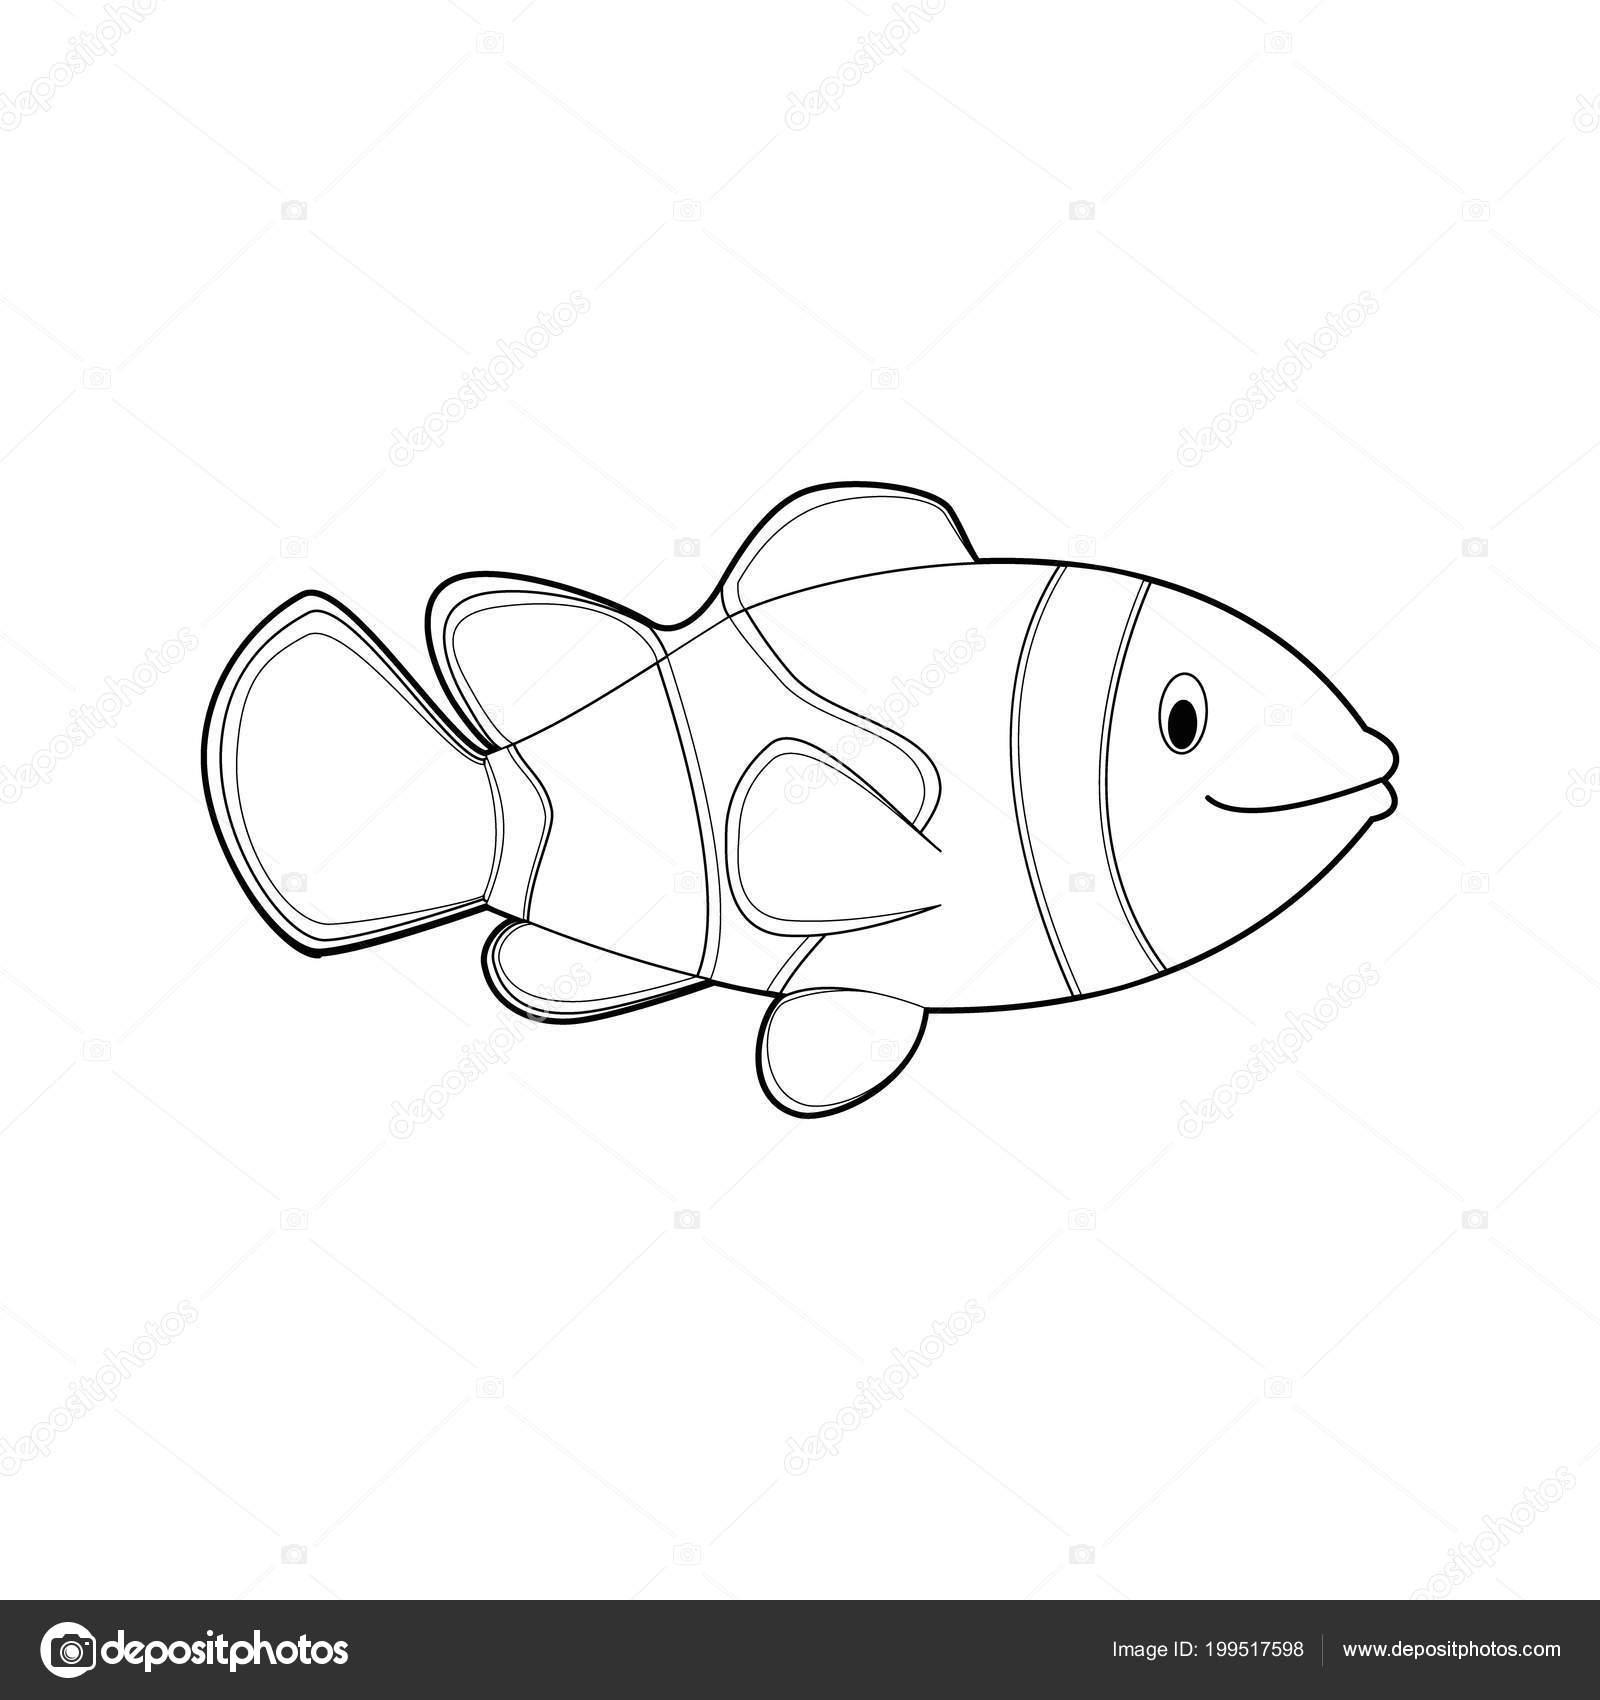 Imagenes De Facil Para Colorear Dibujos Animales Para Ninos Pez